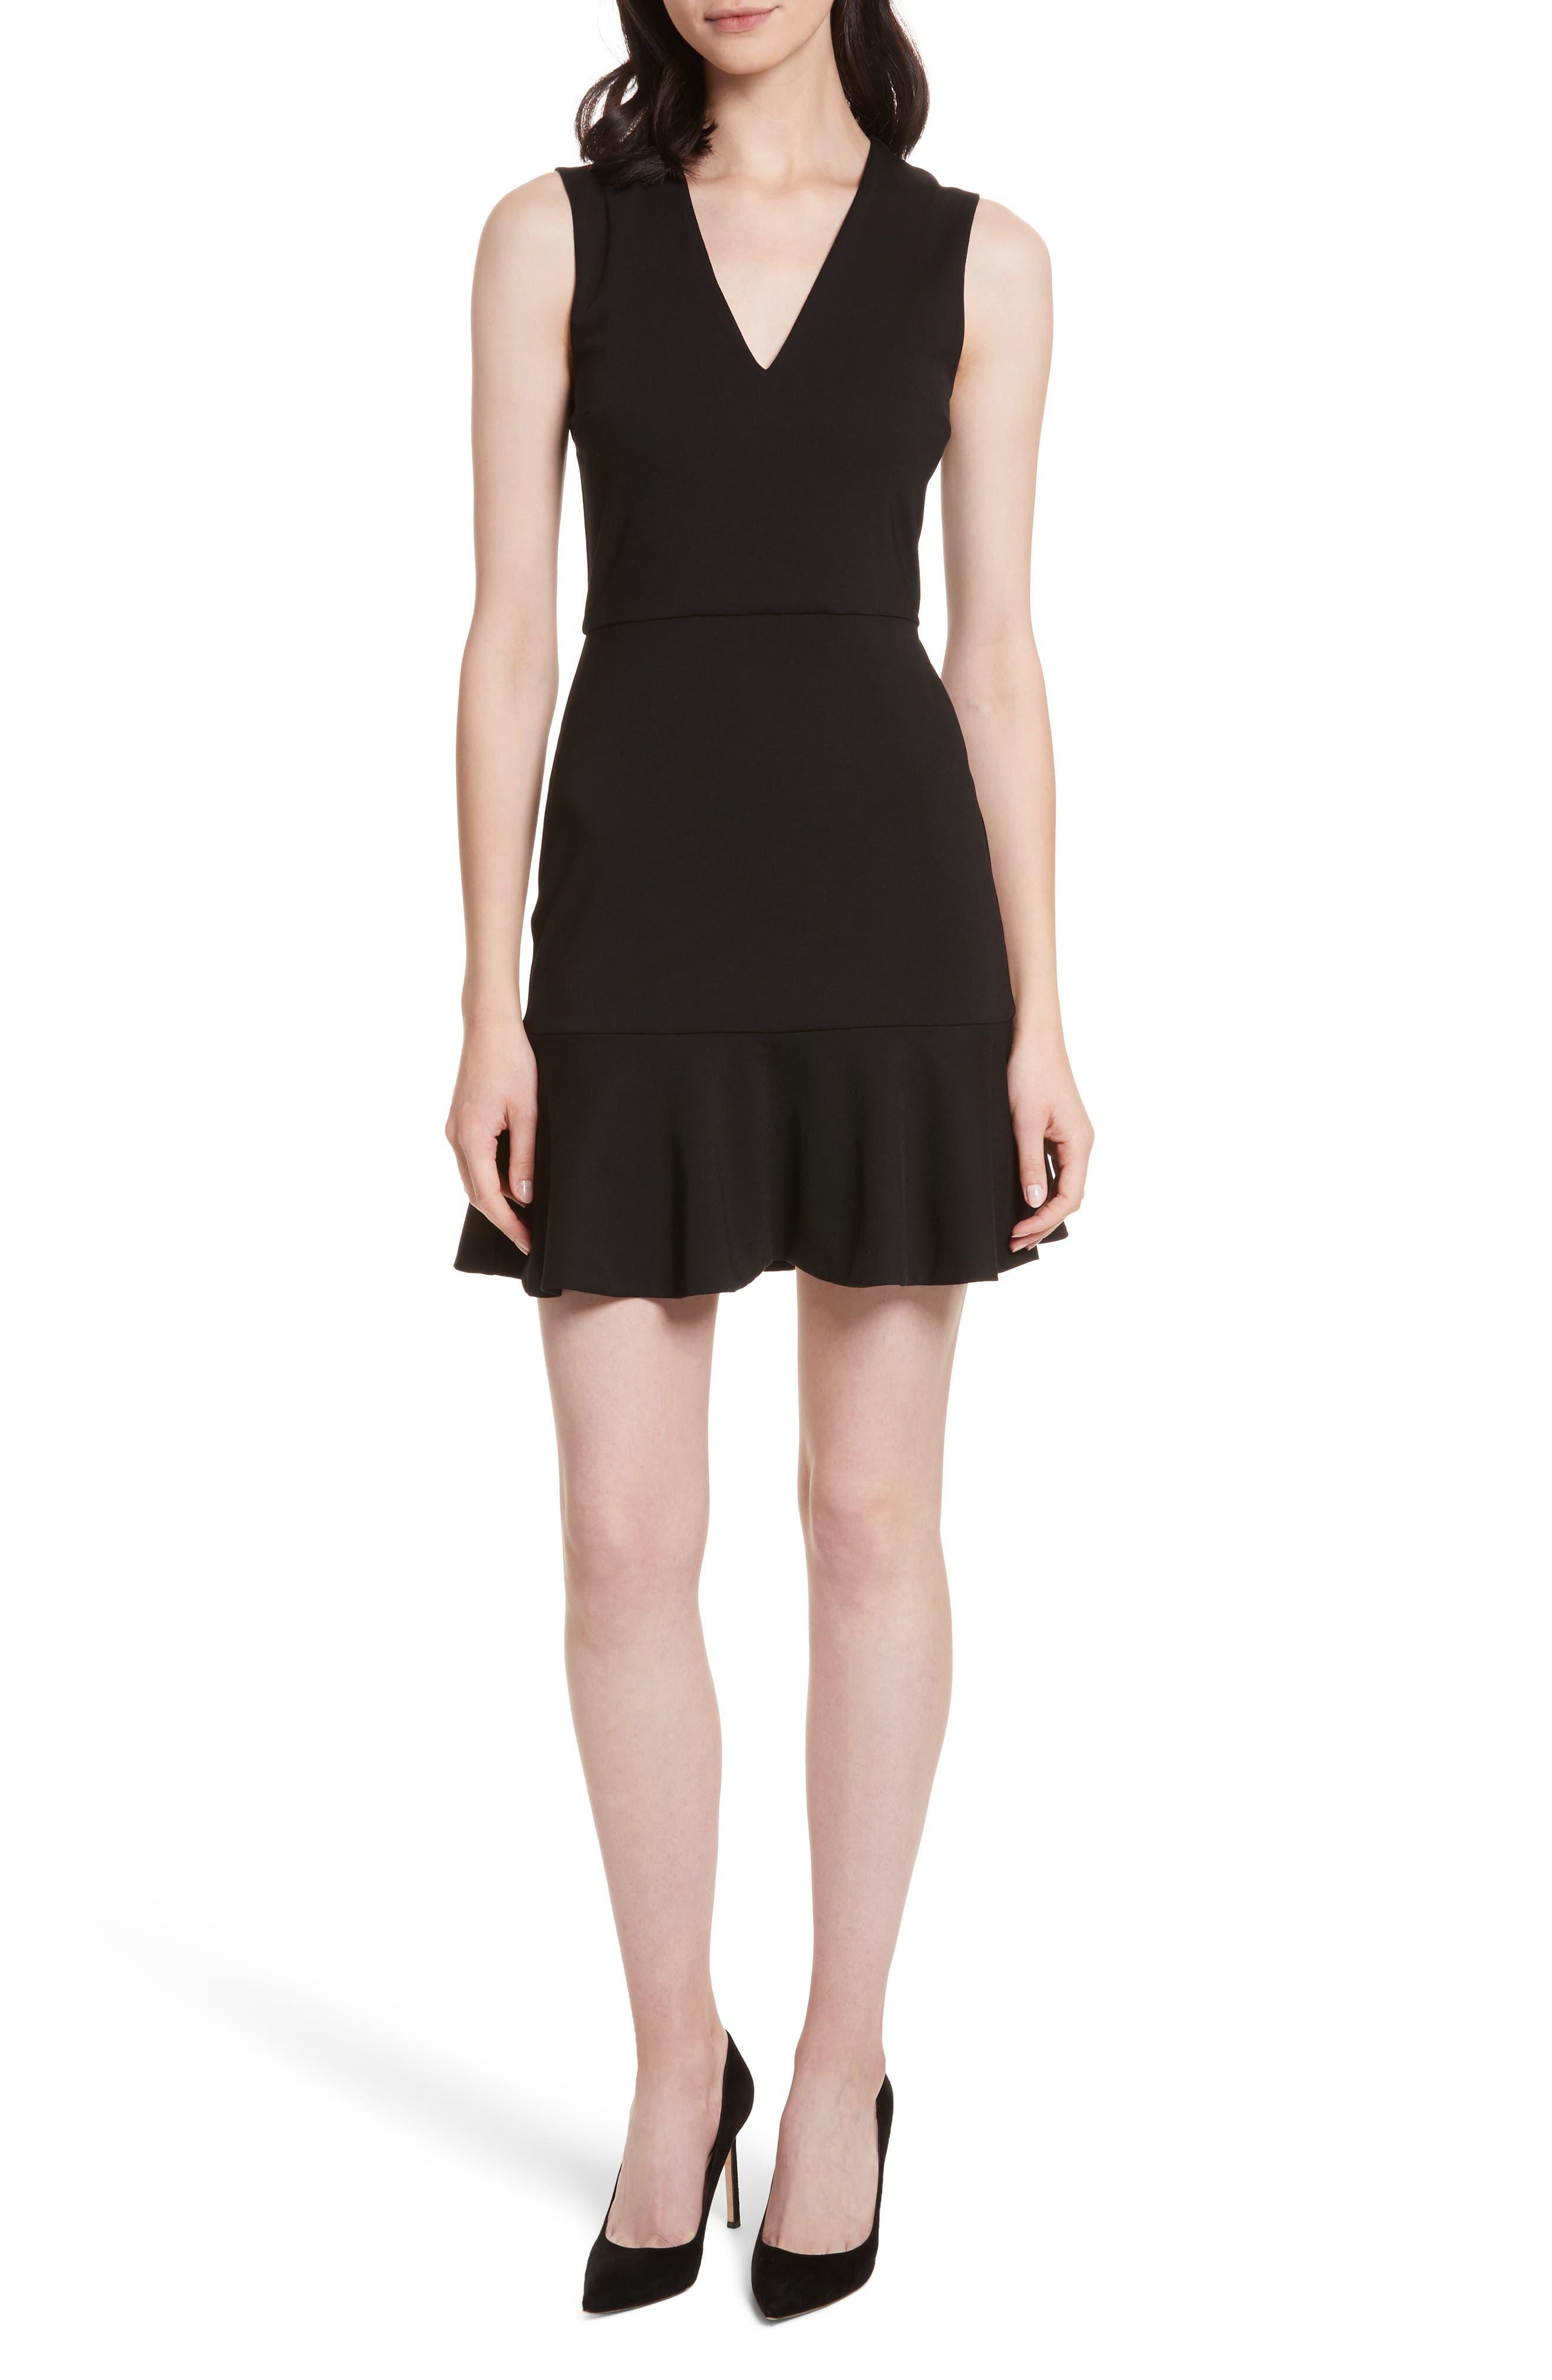 Alternate Image 1 Selected - Alice + Olivia Onella V-Neck Dress